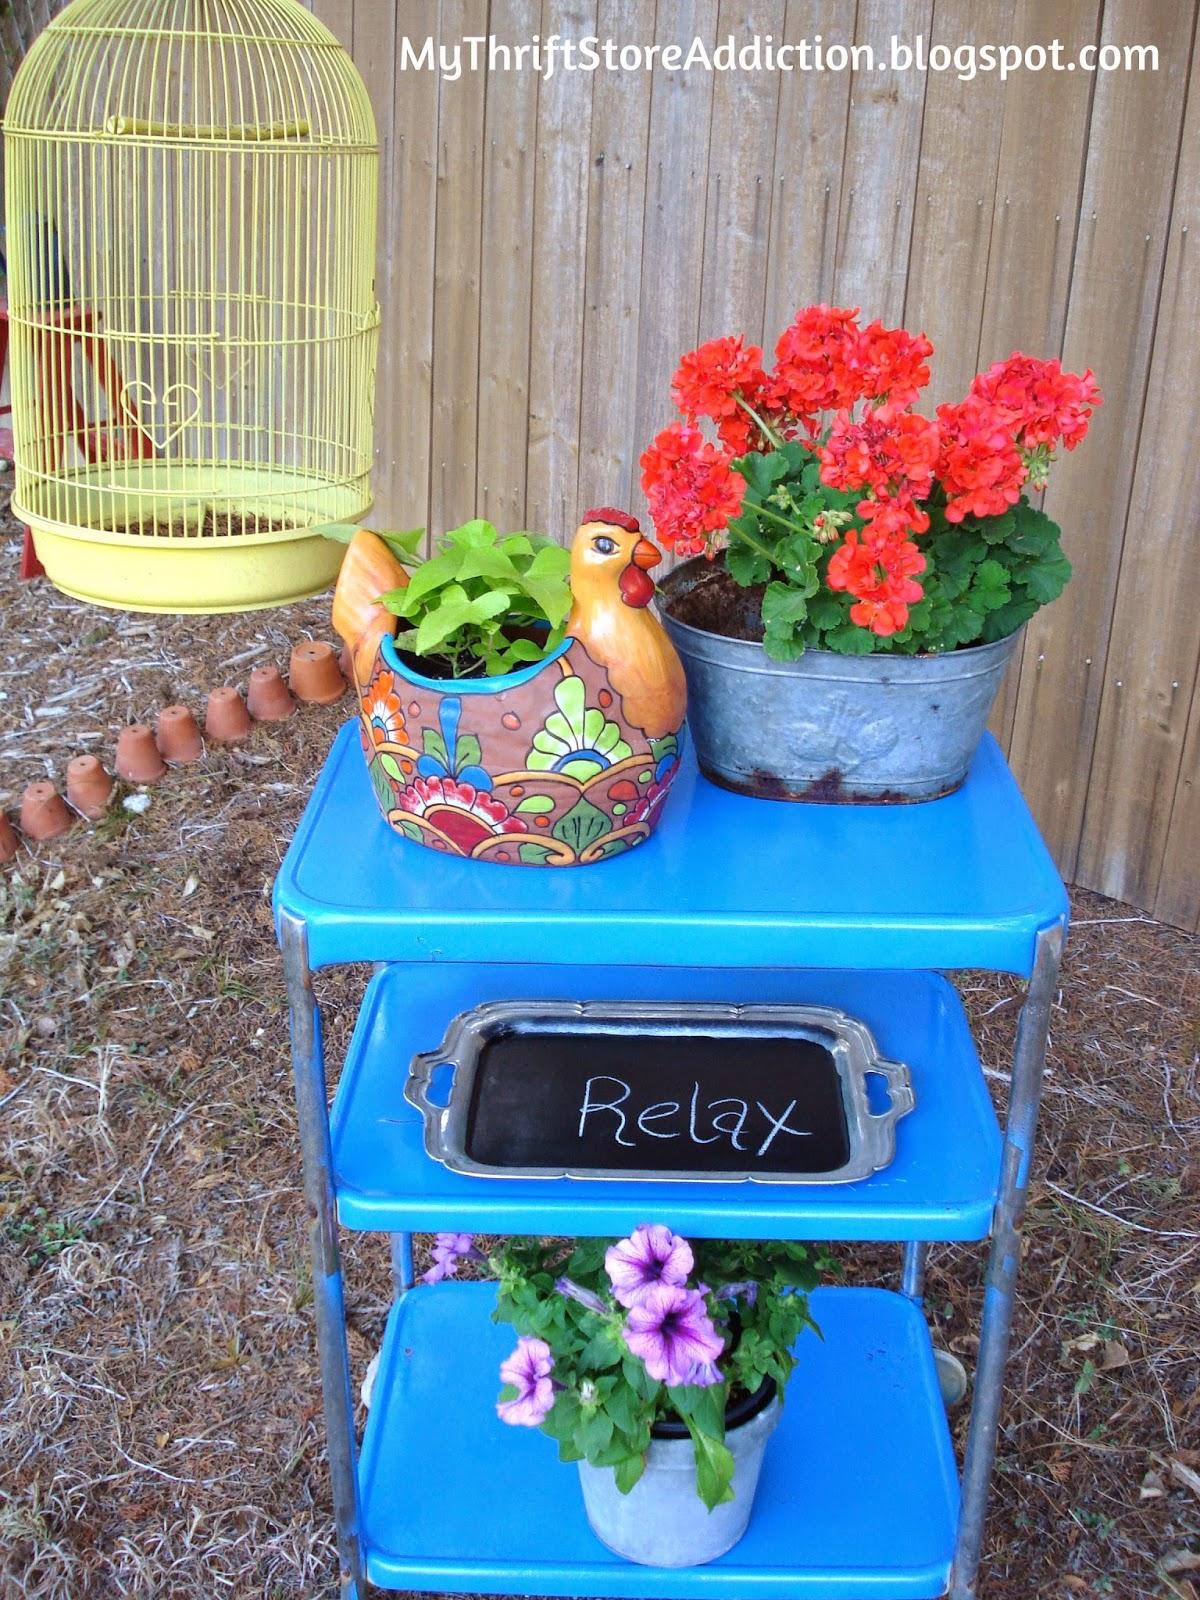 Cosco garden cart